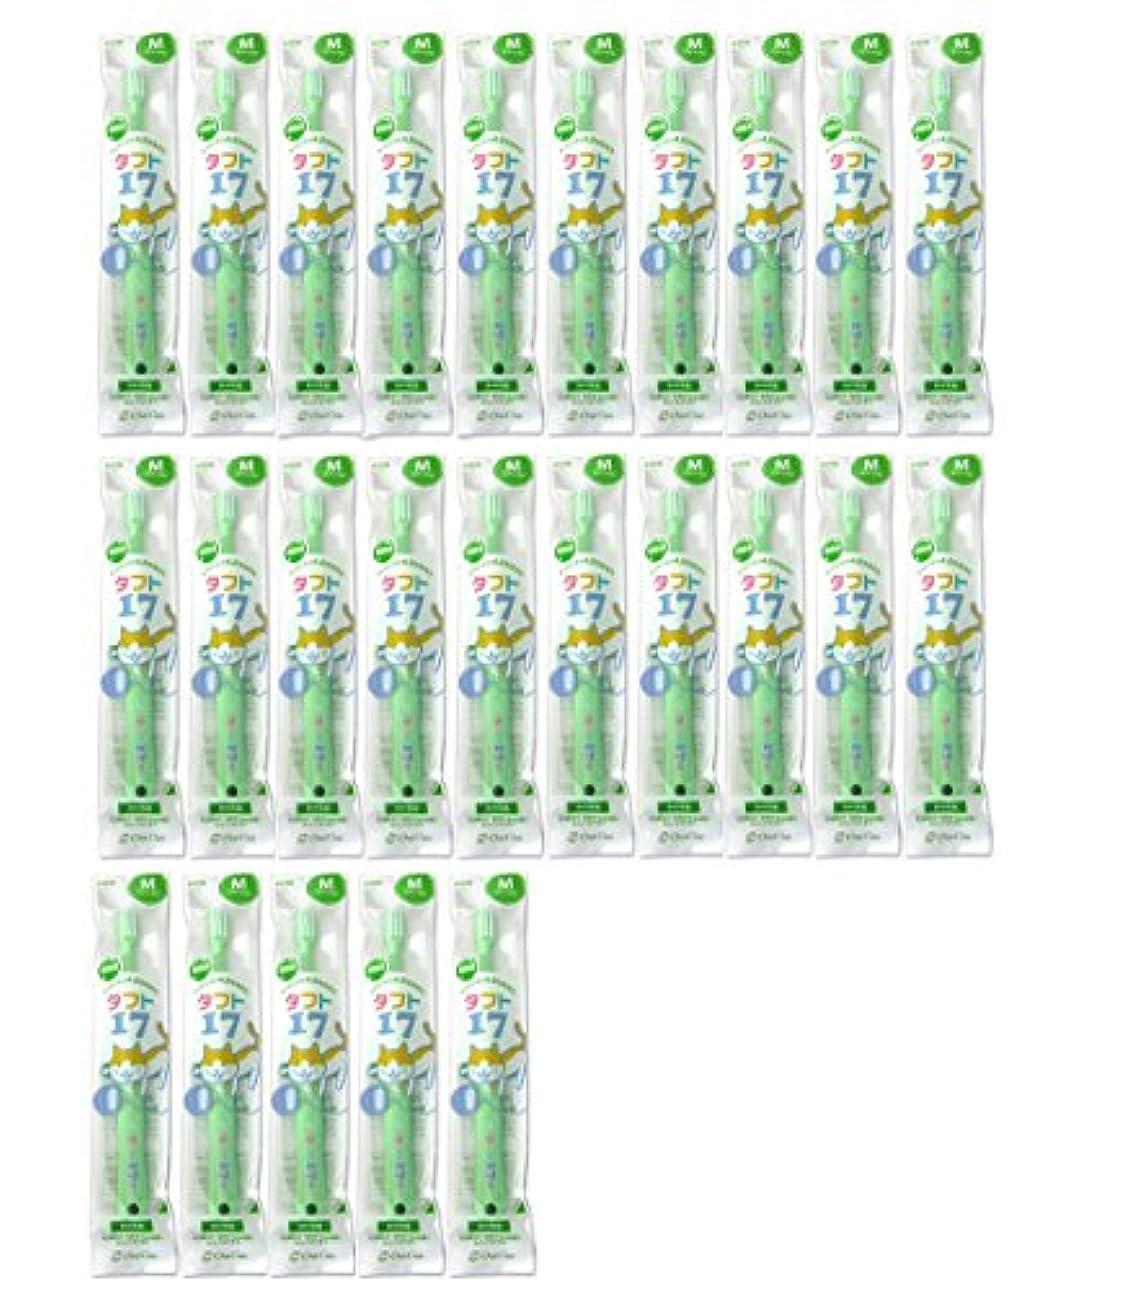 ネブ羽過剰タフト17 25本 オーラルケア 【タフト17/ミディアム 子供】 乳歯列(1~7歳用)こども歯ブラシ便不 グリーン